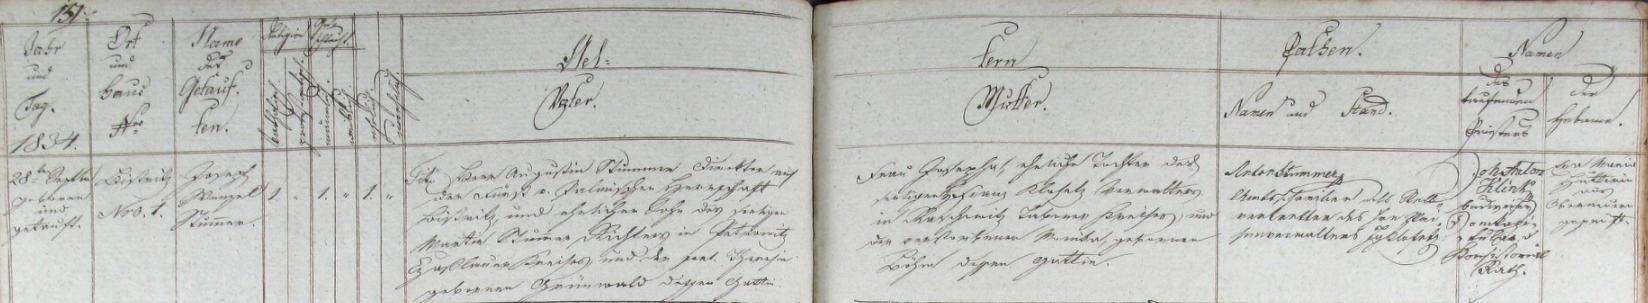 Záznam o jeho narození v křestní matrice Bystřice nad Úhlavou